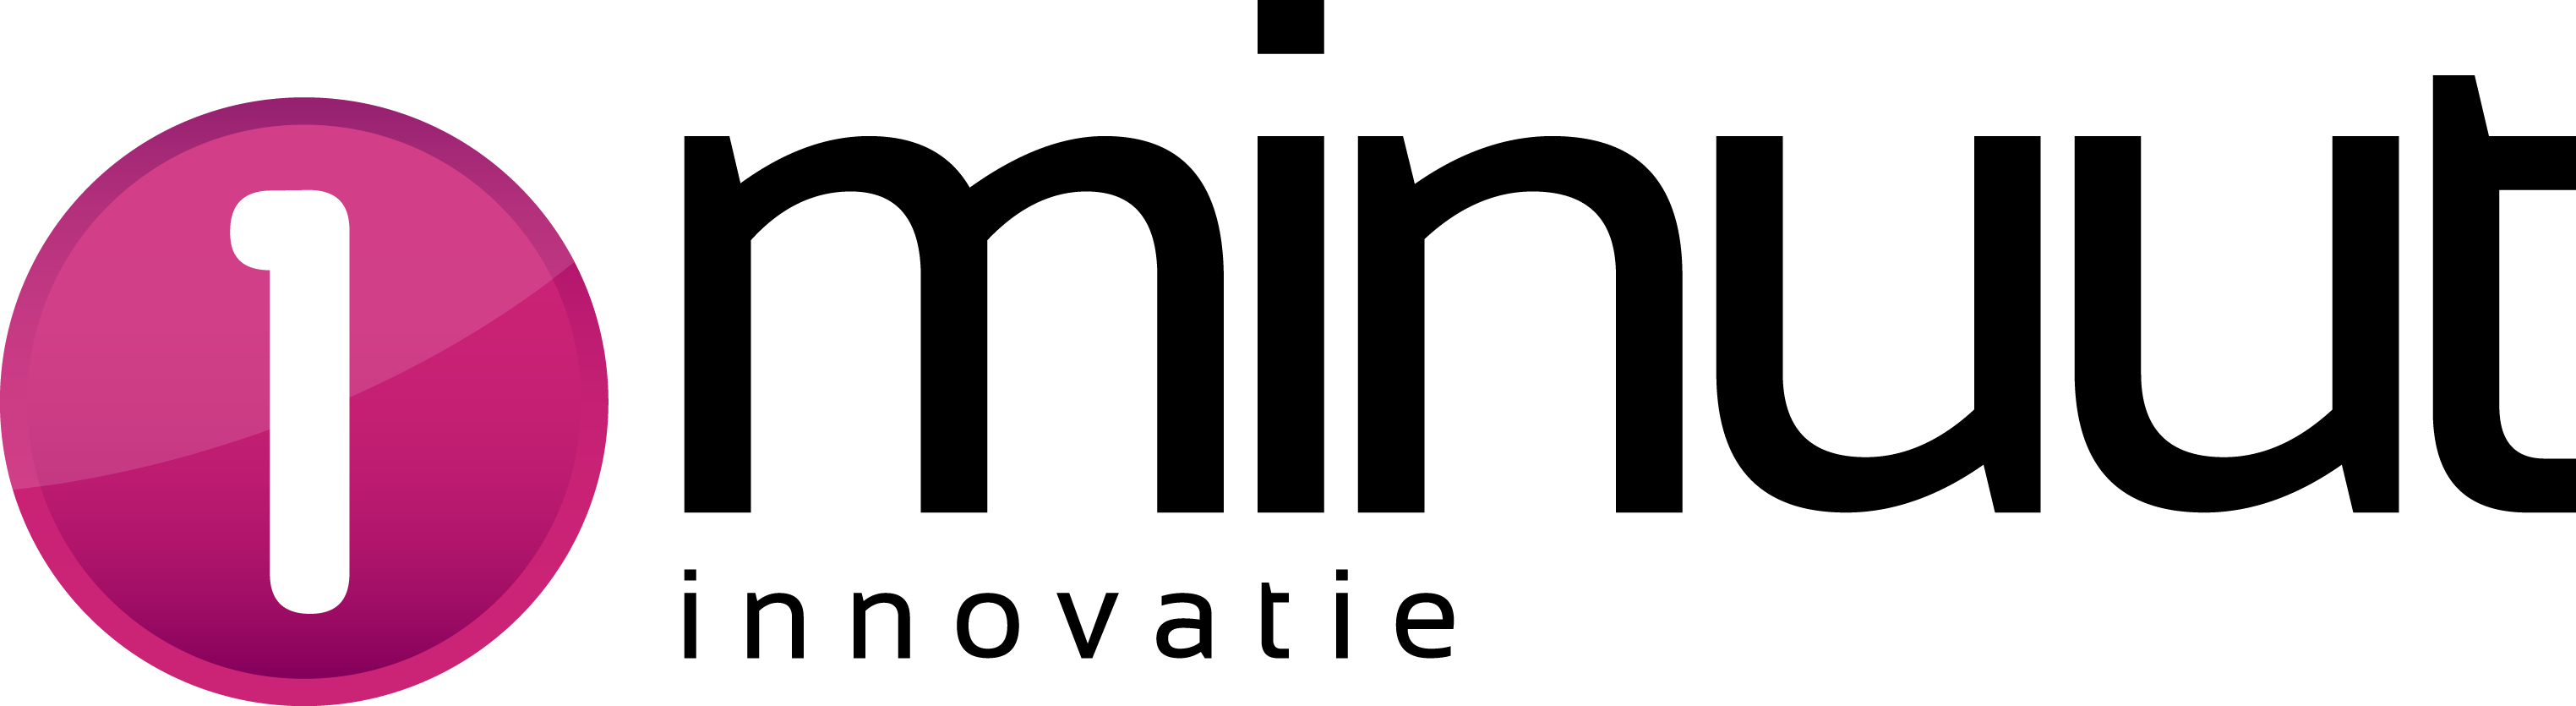 1Minuut logo